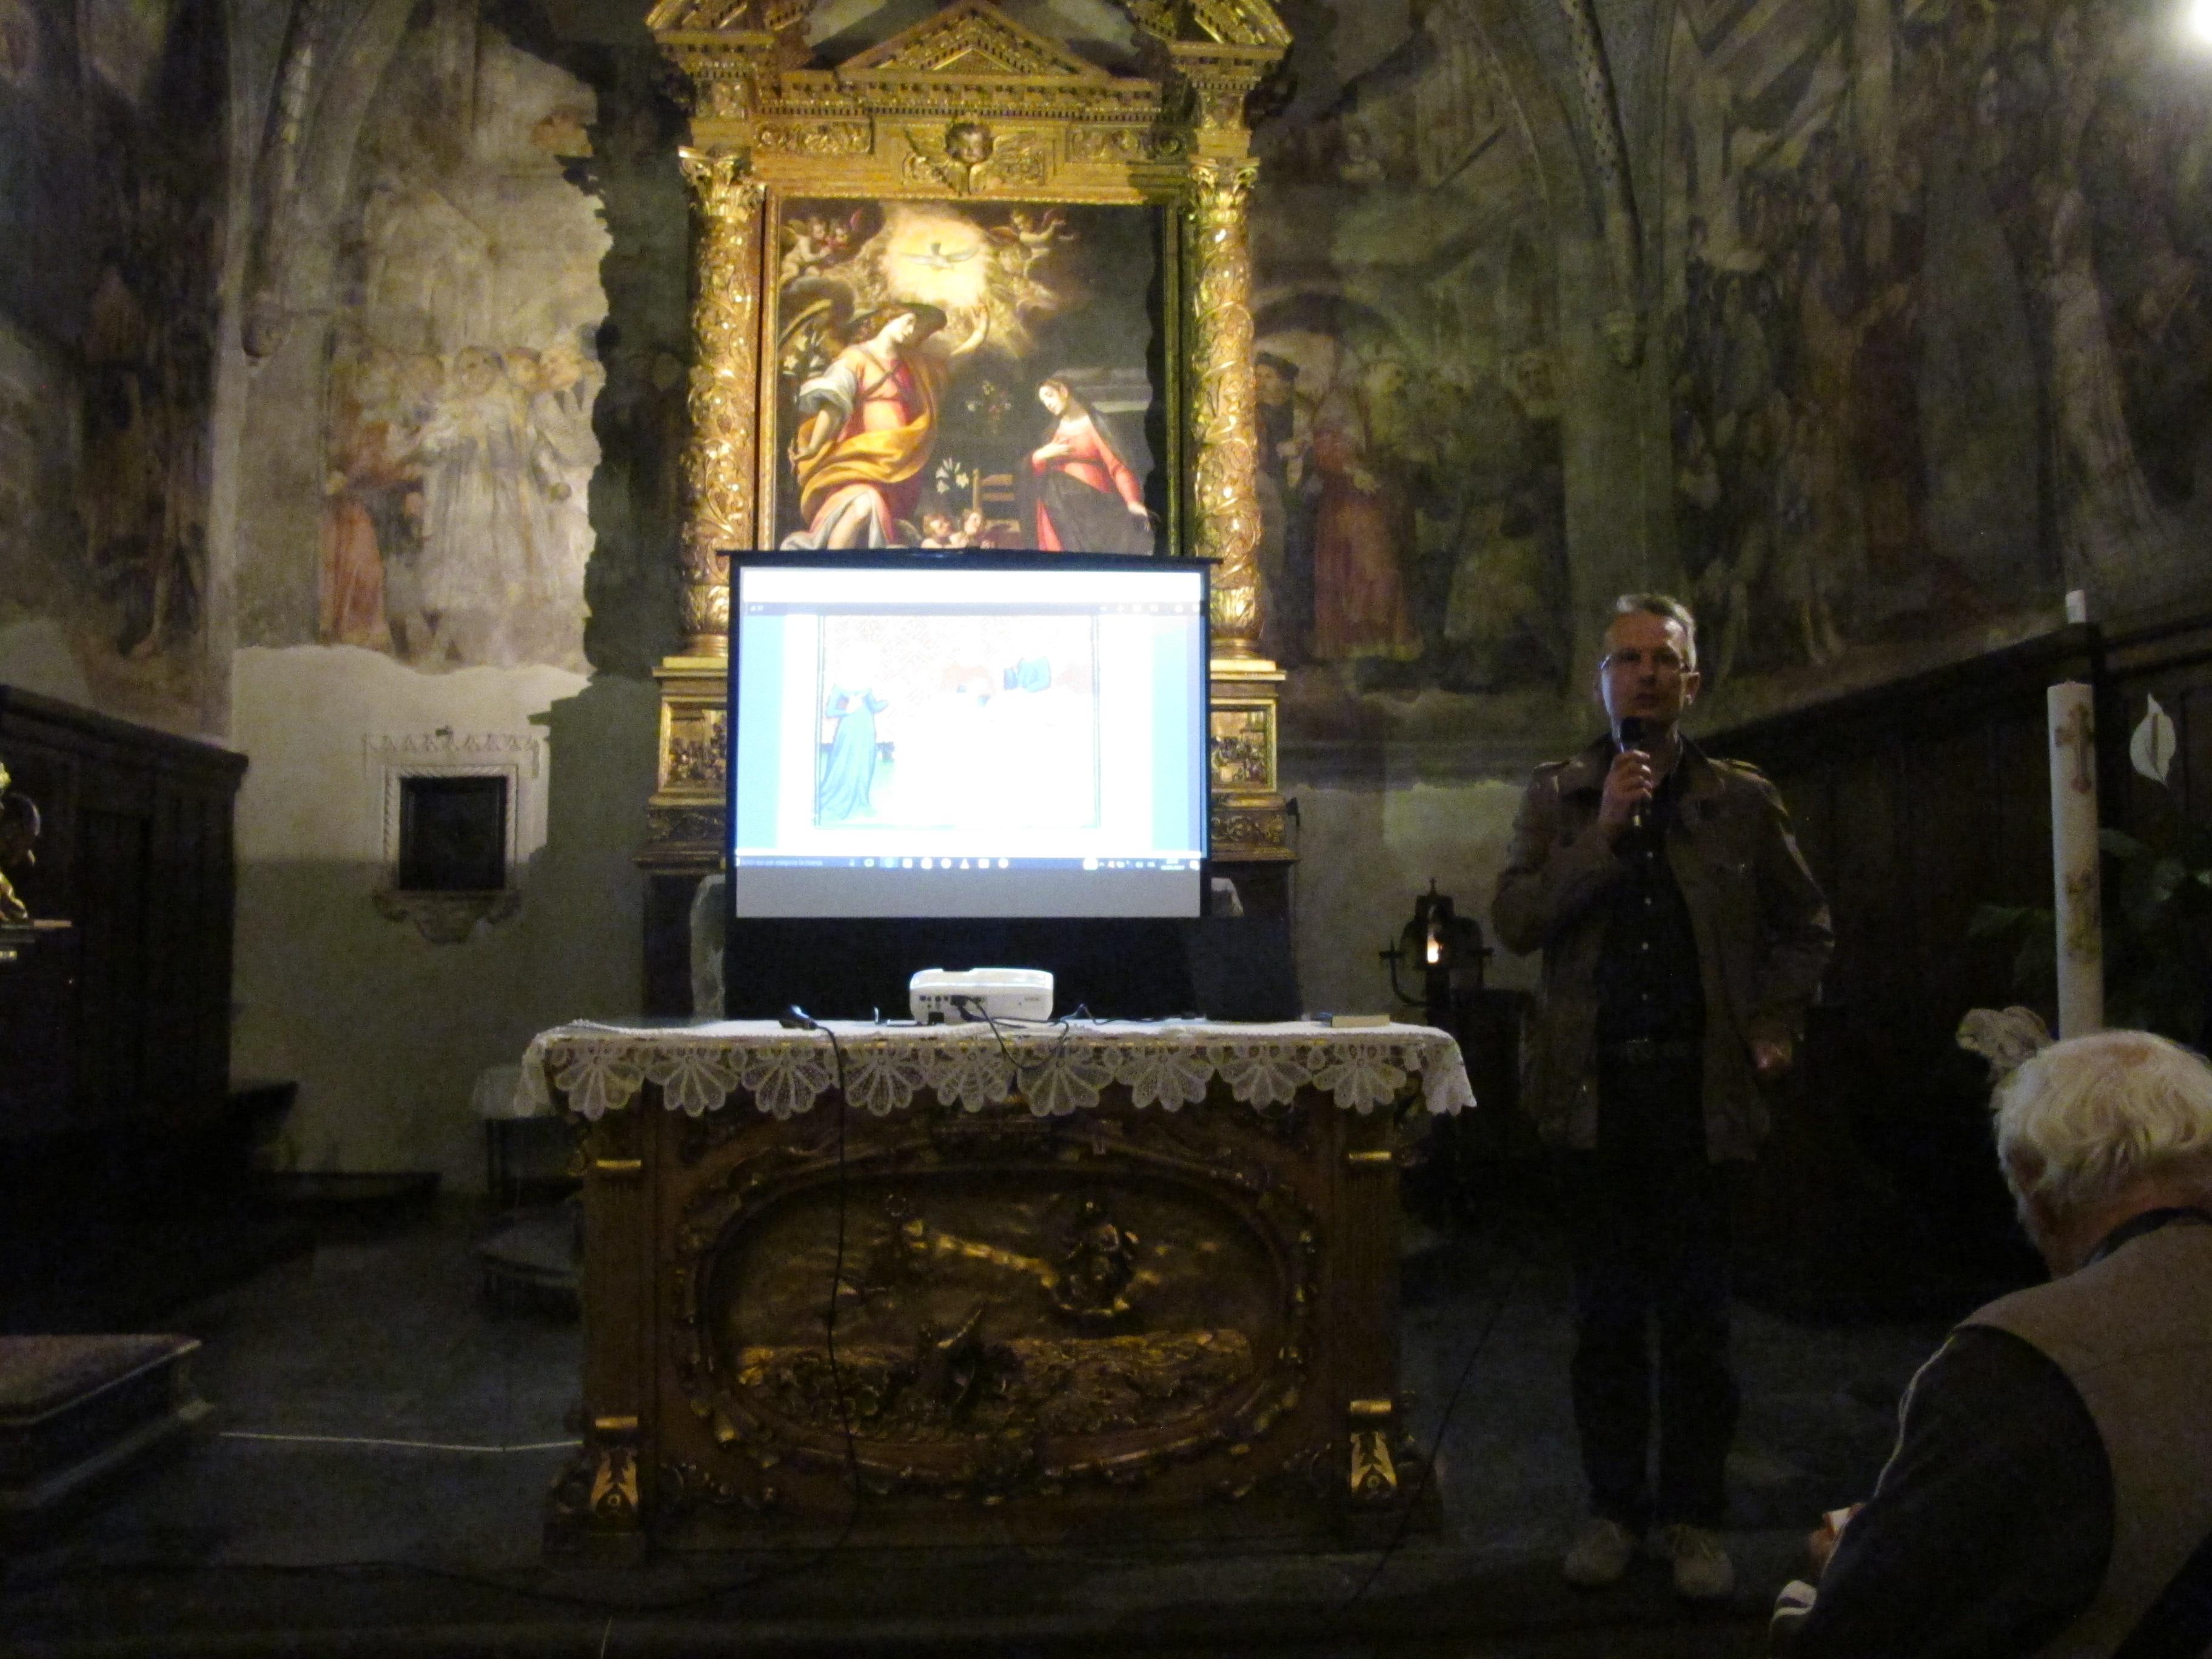 02_presentazione senza Misericordia di Chiara Frugoni_Bienno